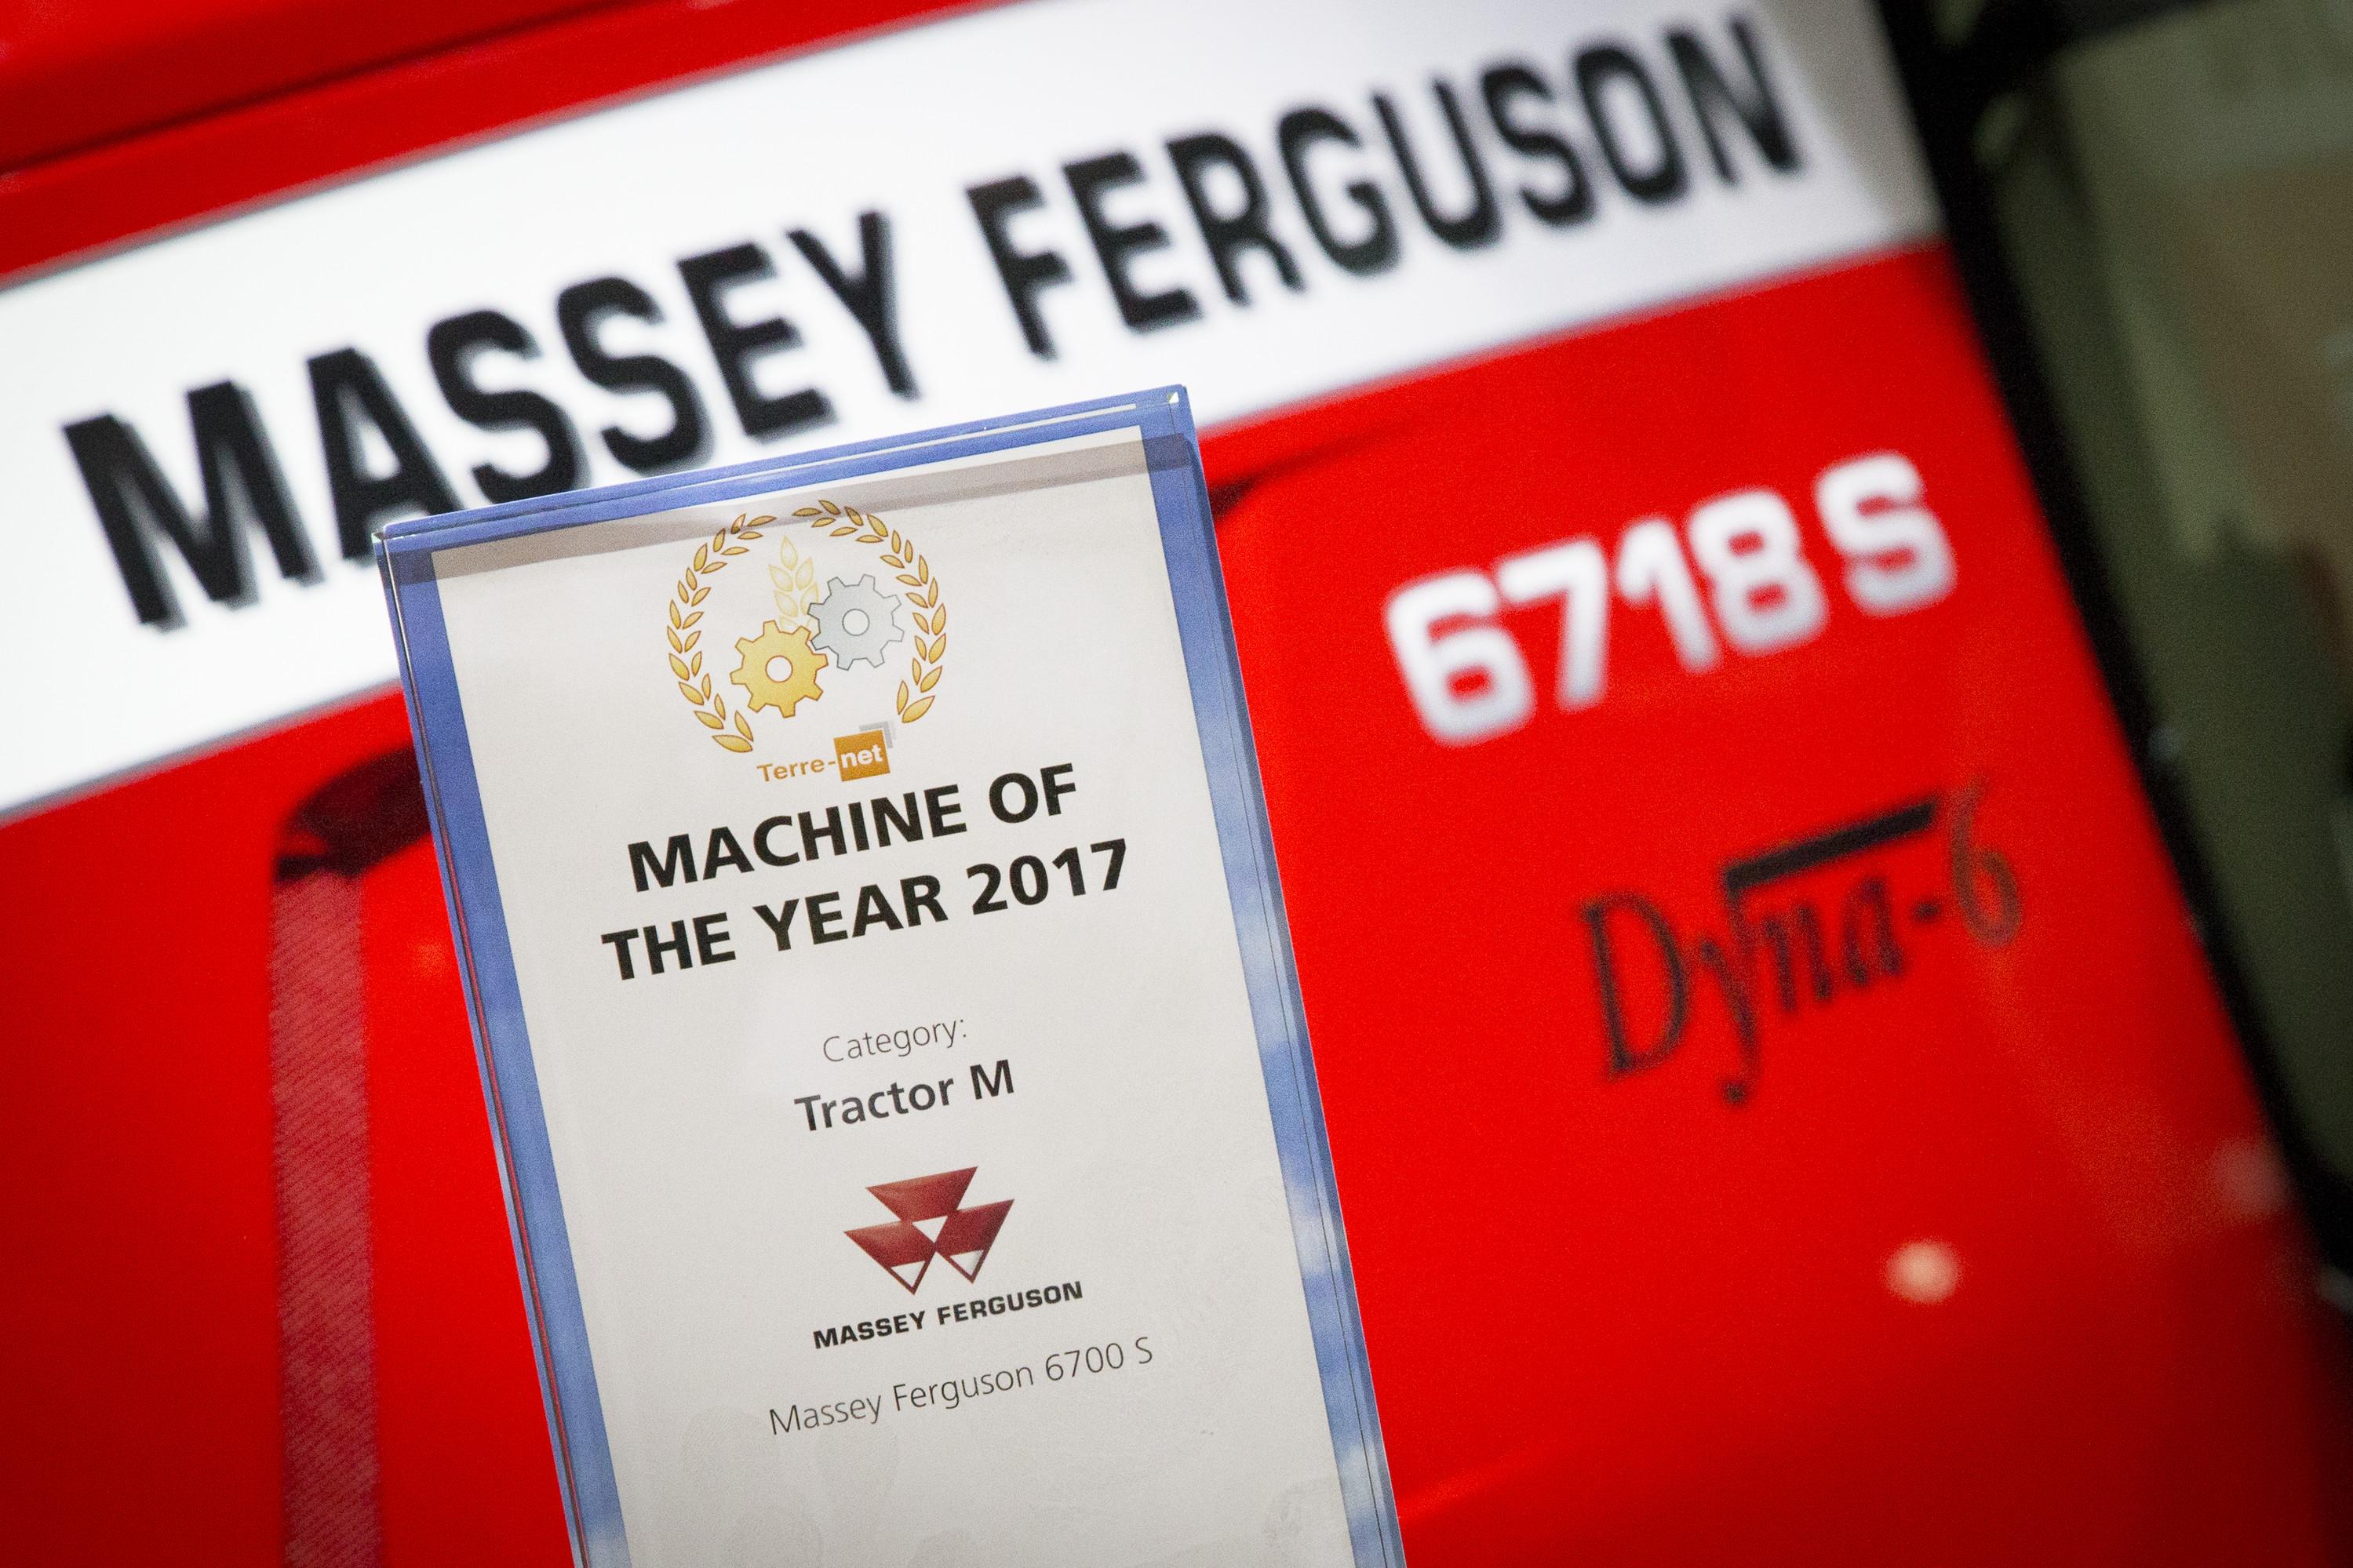 MF 6718S - MACHINE OF THE YEAR - SIMA2017